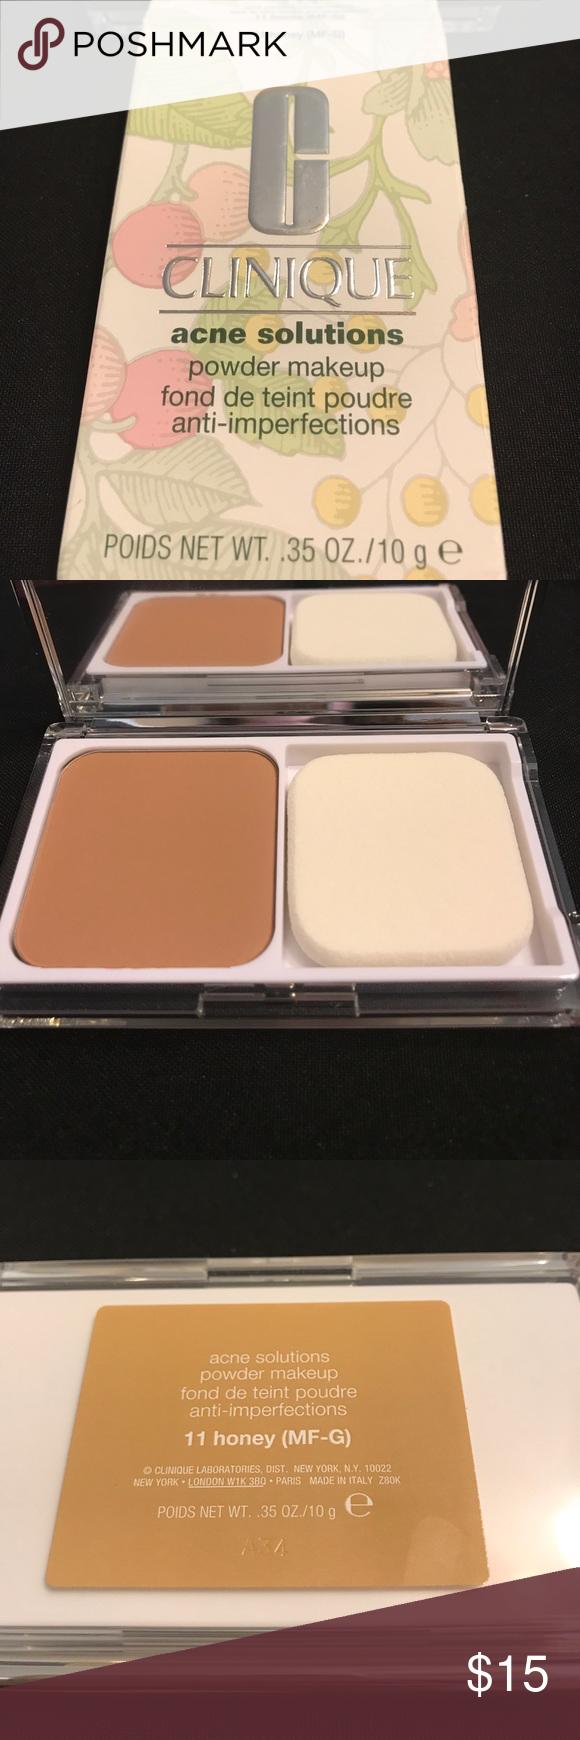 Clinique 11 Acne Solutions Powder. New Honey MFG Clinique